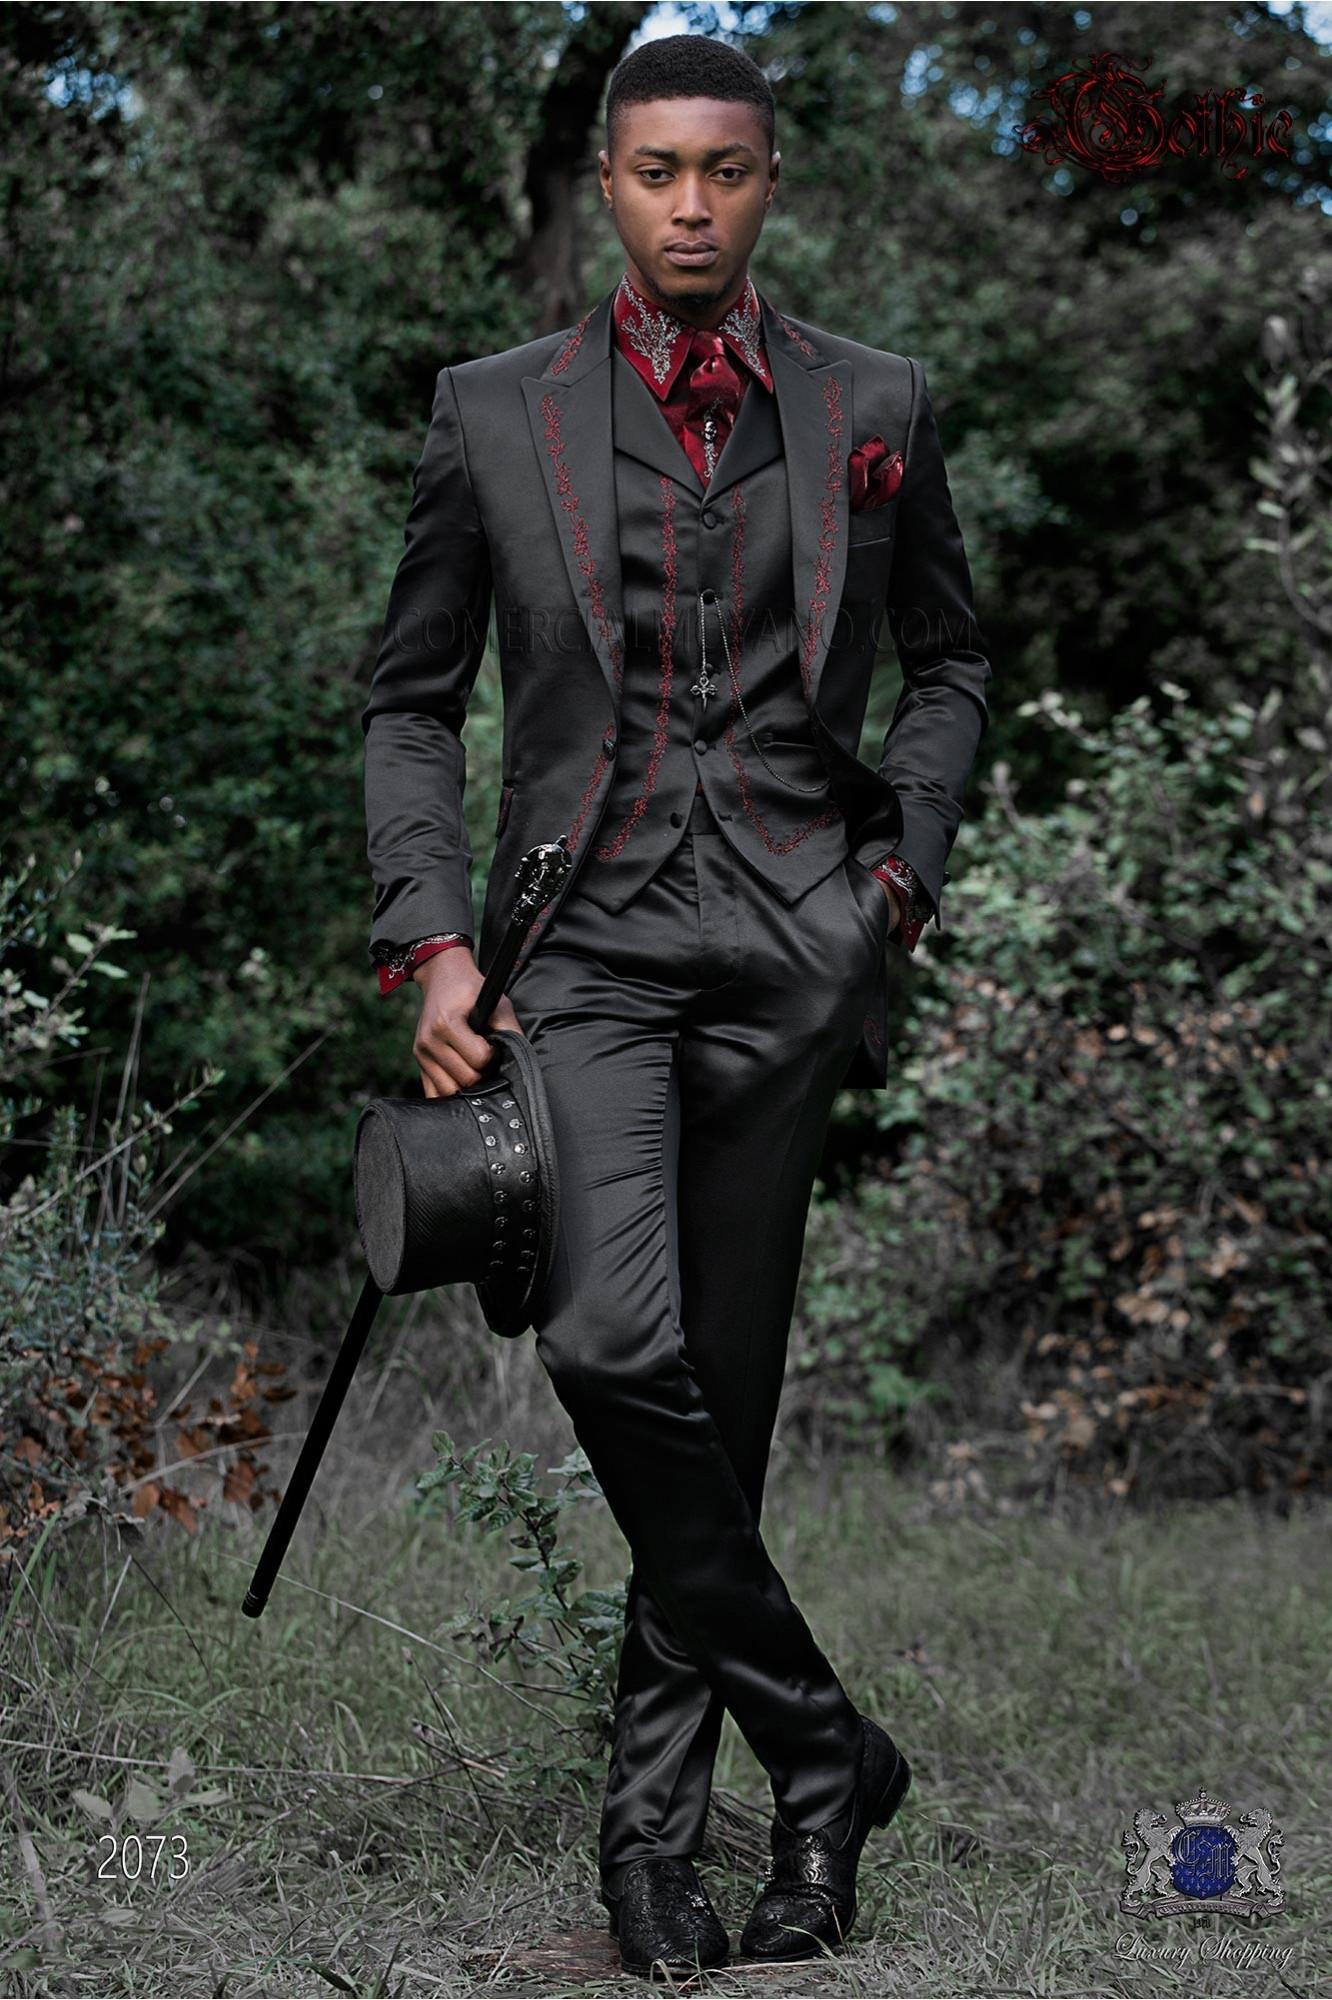 Traje italiano gótico de raso negro con bordado rojo